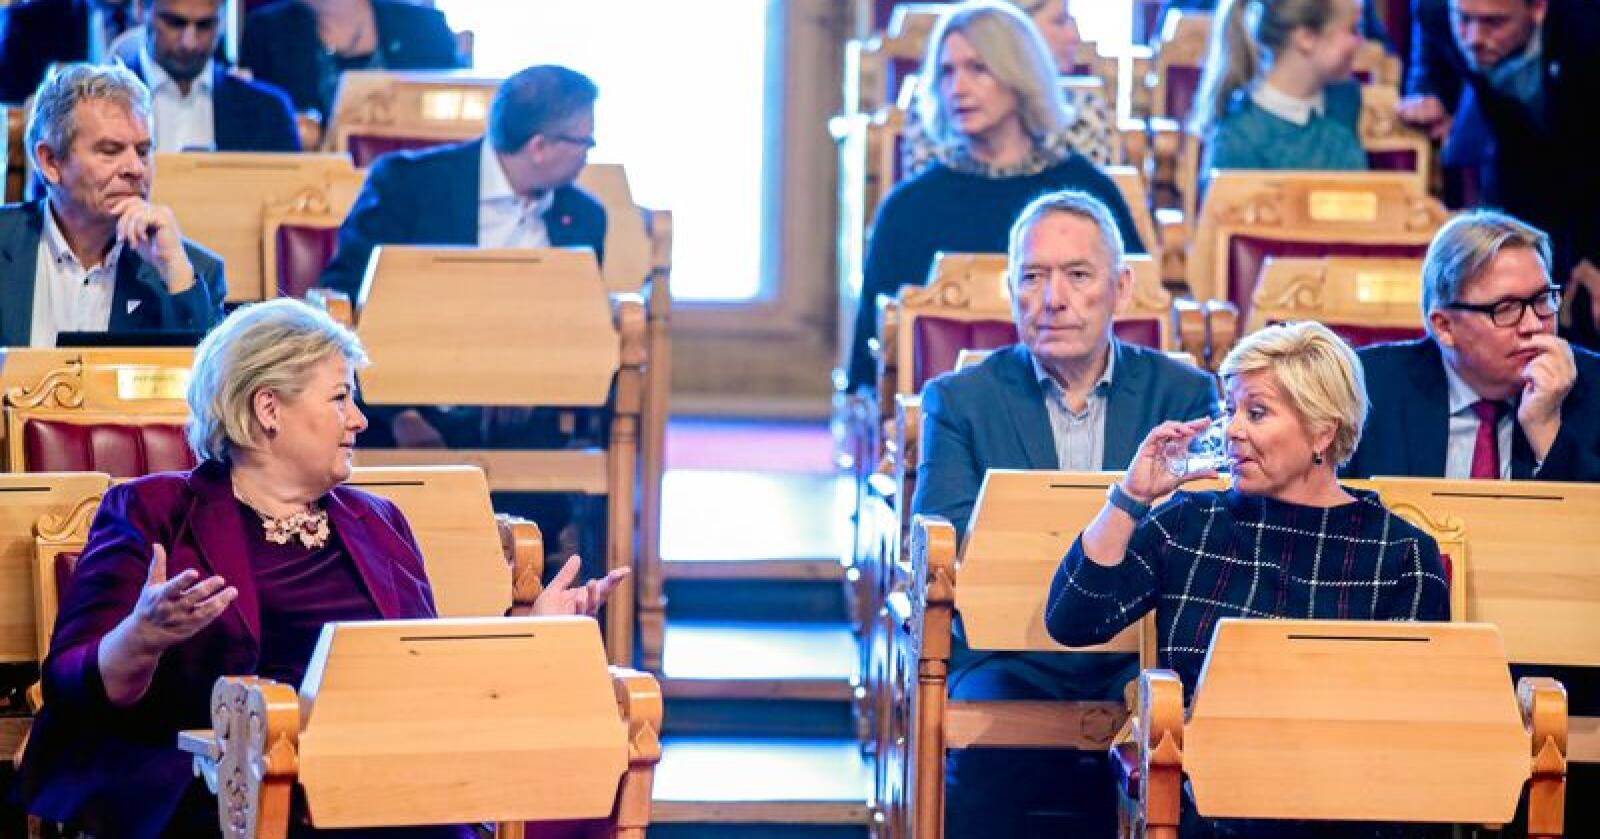 Stortinget mandag: Statsminister Erna Solberg (H) og finansminister Siv Jensen (Frp) er klare for framlegging av statsbudsjettet for 2020.Foto: Håkon Mosvold Larsen / NTB scanpix